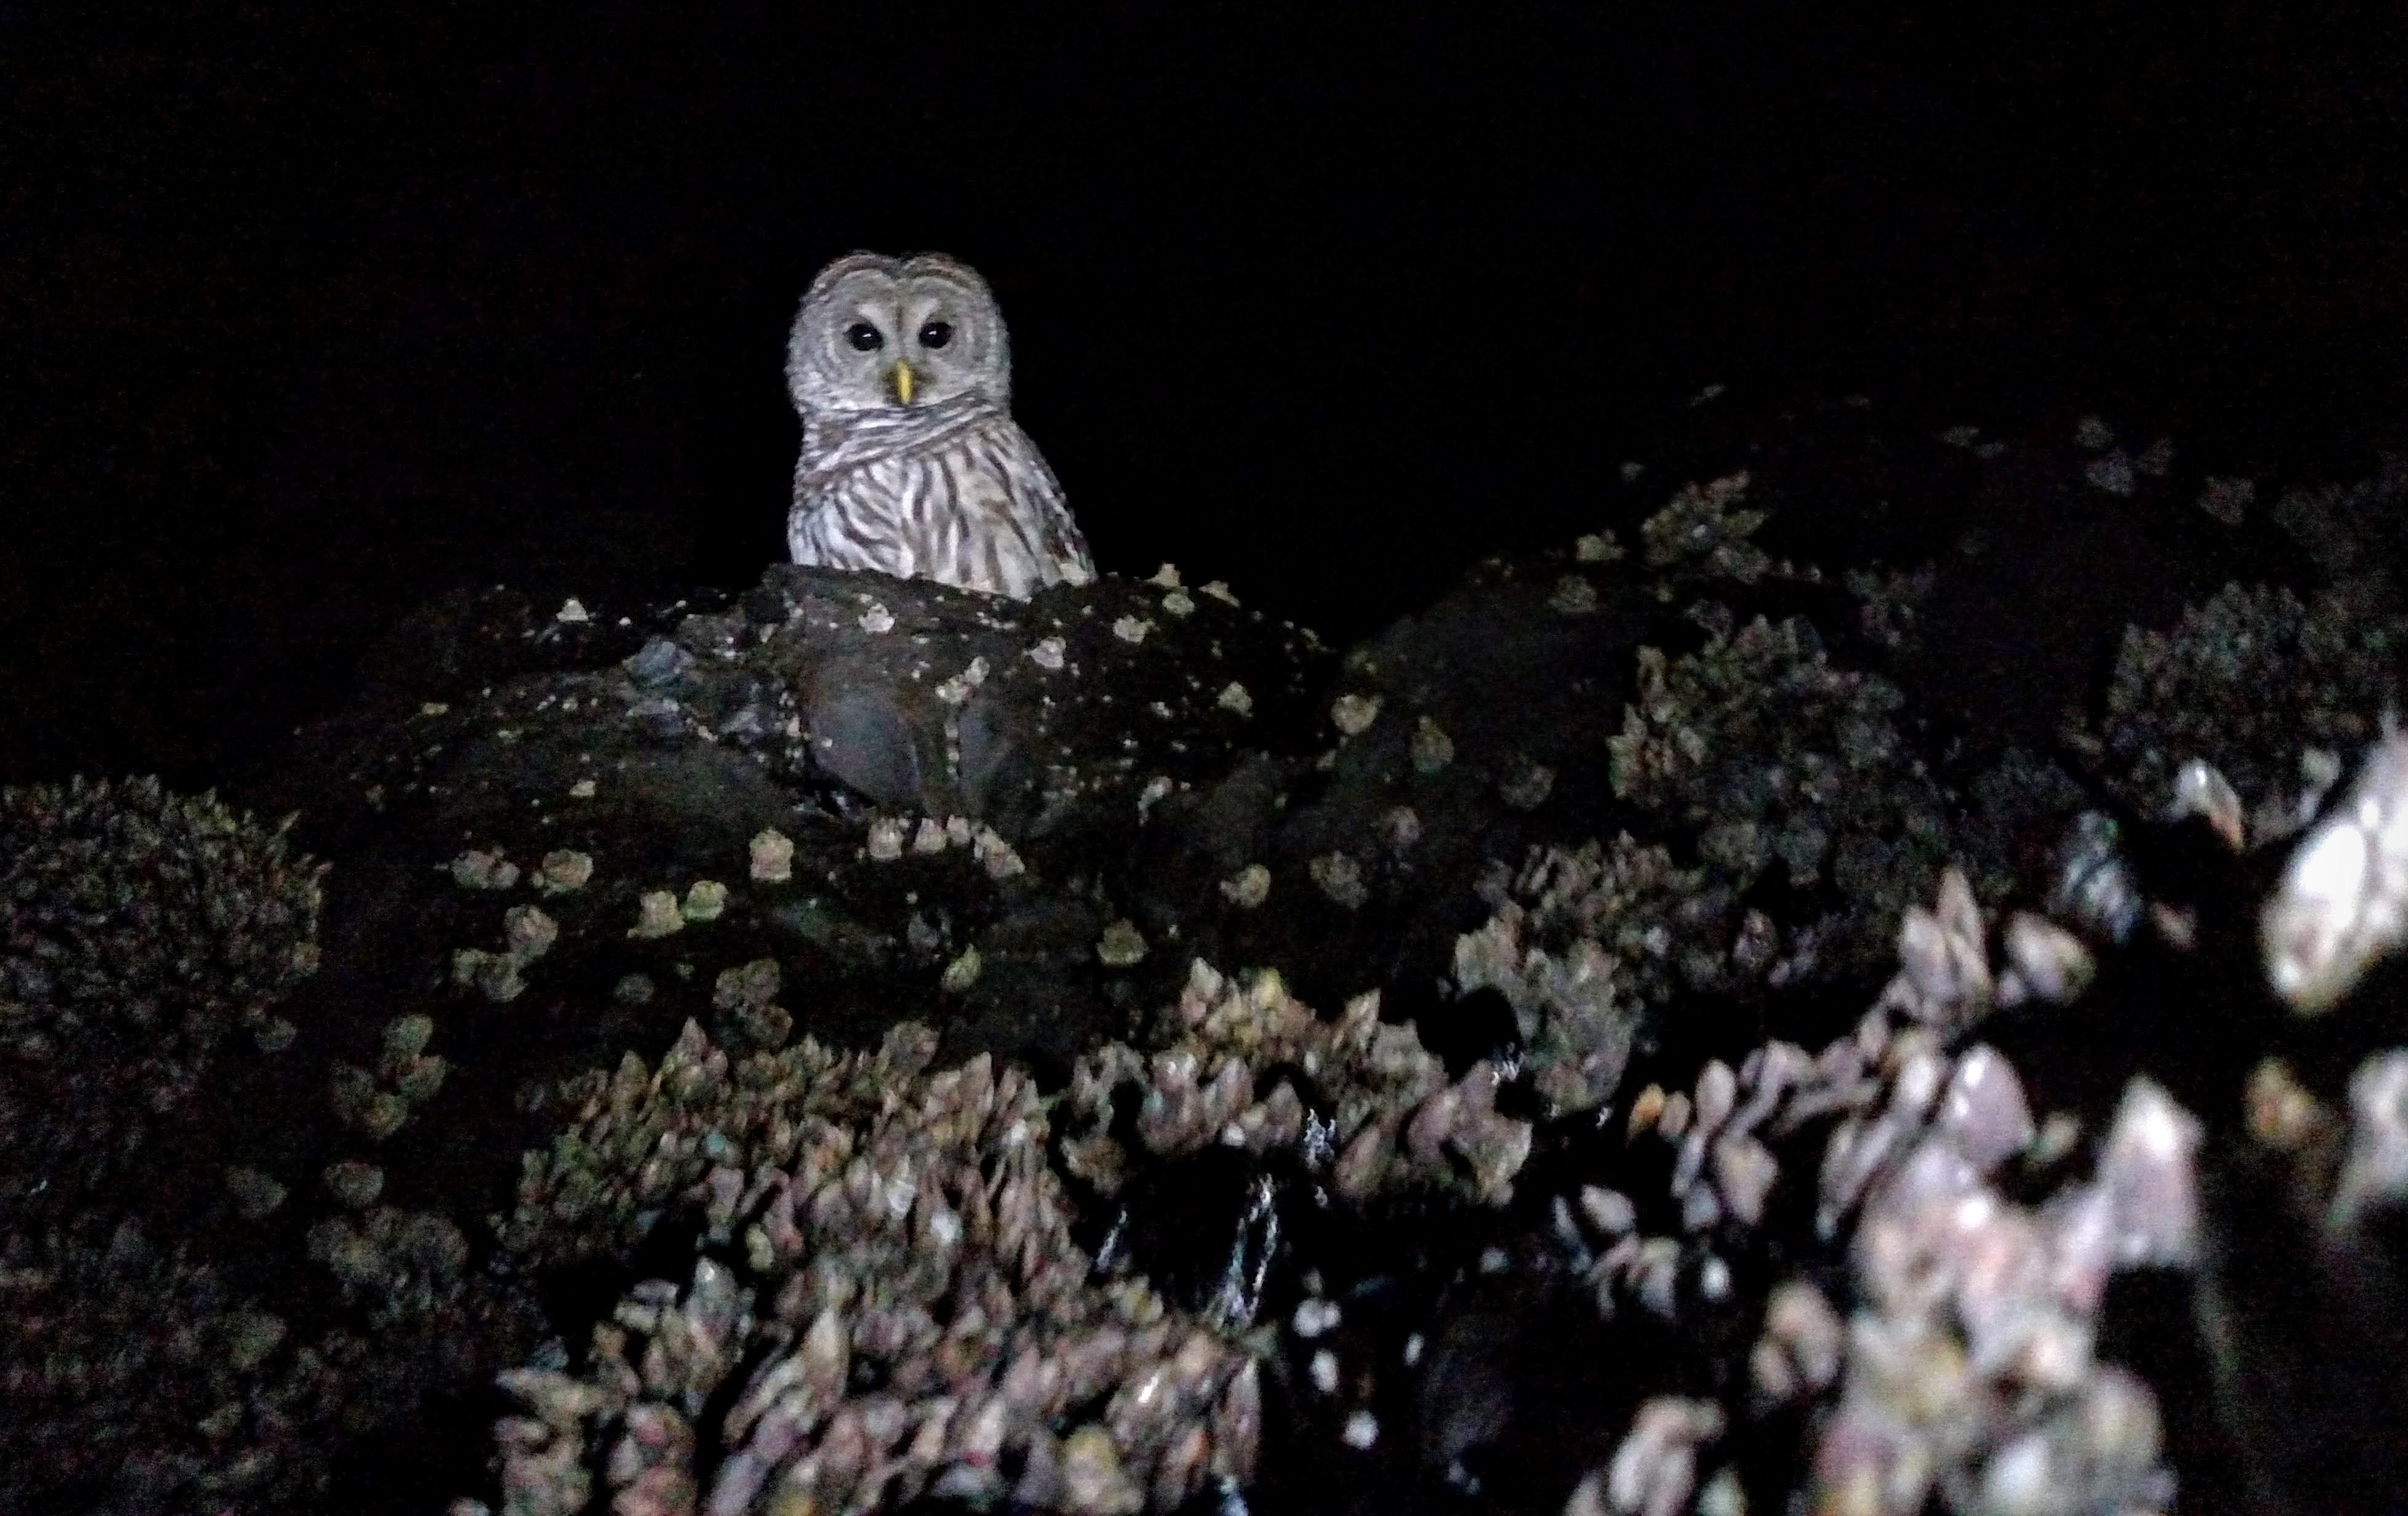 Barred Owl in Intertidal Zone